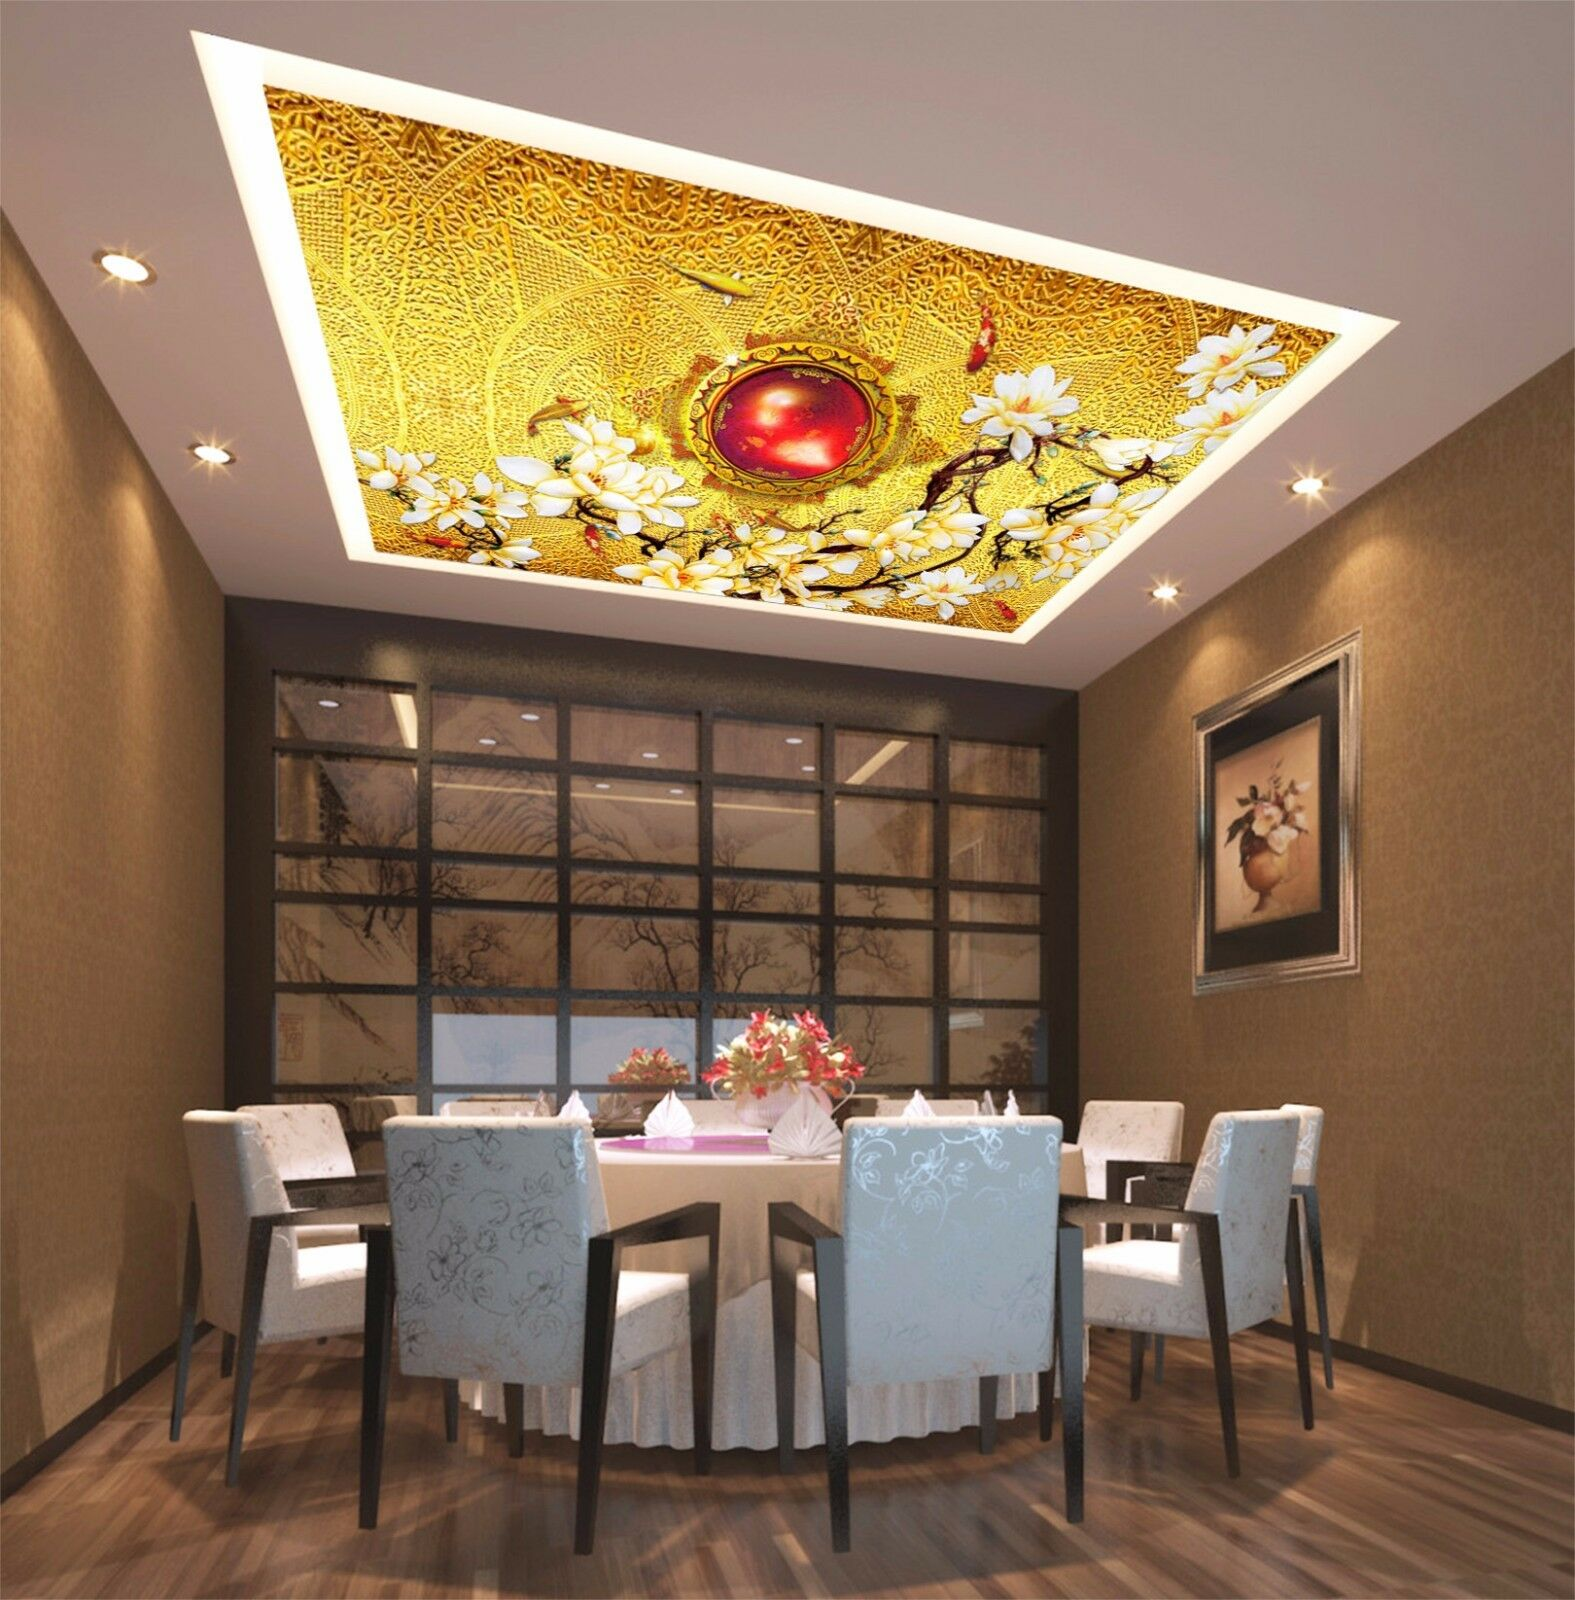 3D Carp 43 Ceiling WallPaper Murals Wall Print Decal Deco AJ WALLPAPER AU